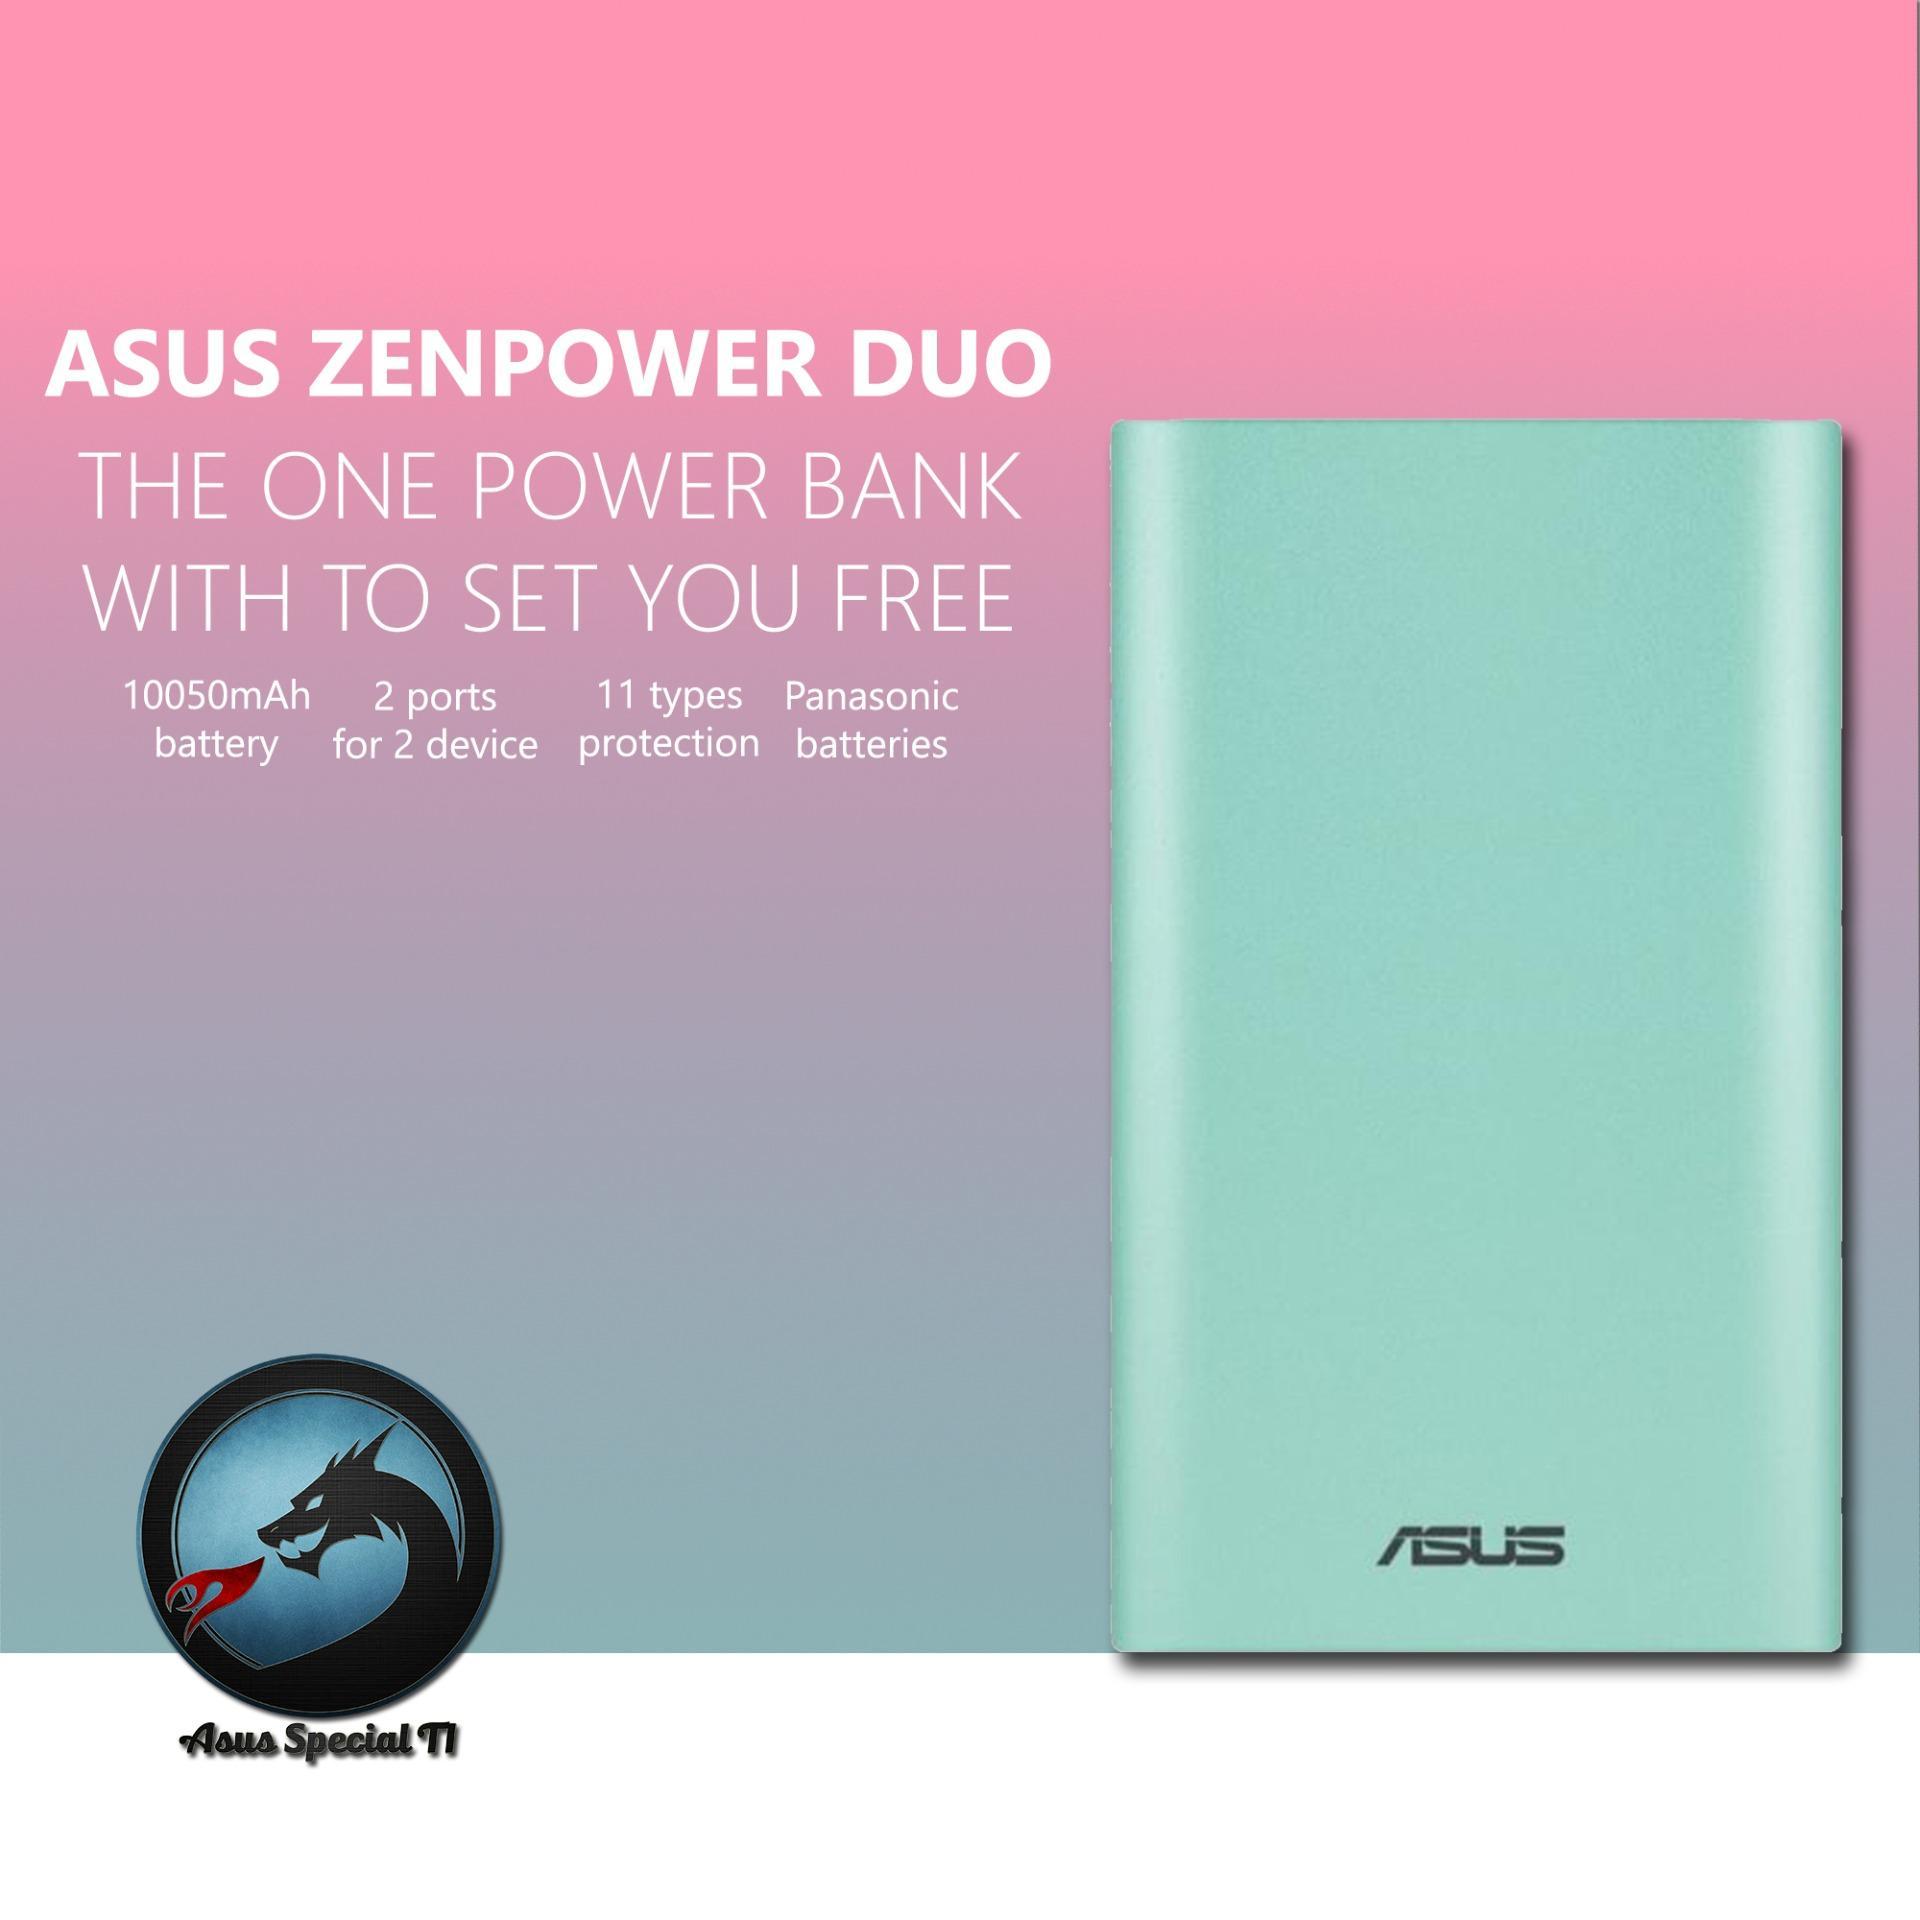 Promo Asus Zenpower Duo 10050Mah Dual Port With Led Flash Garansi Resmi Murah